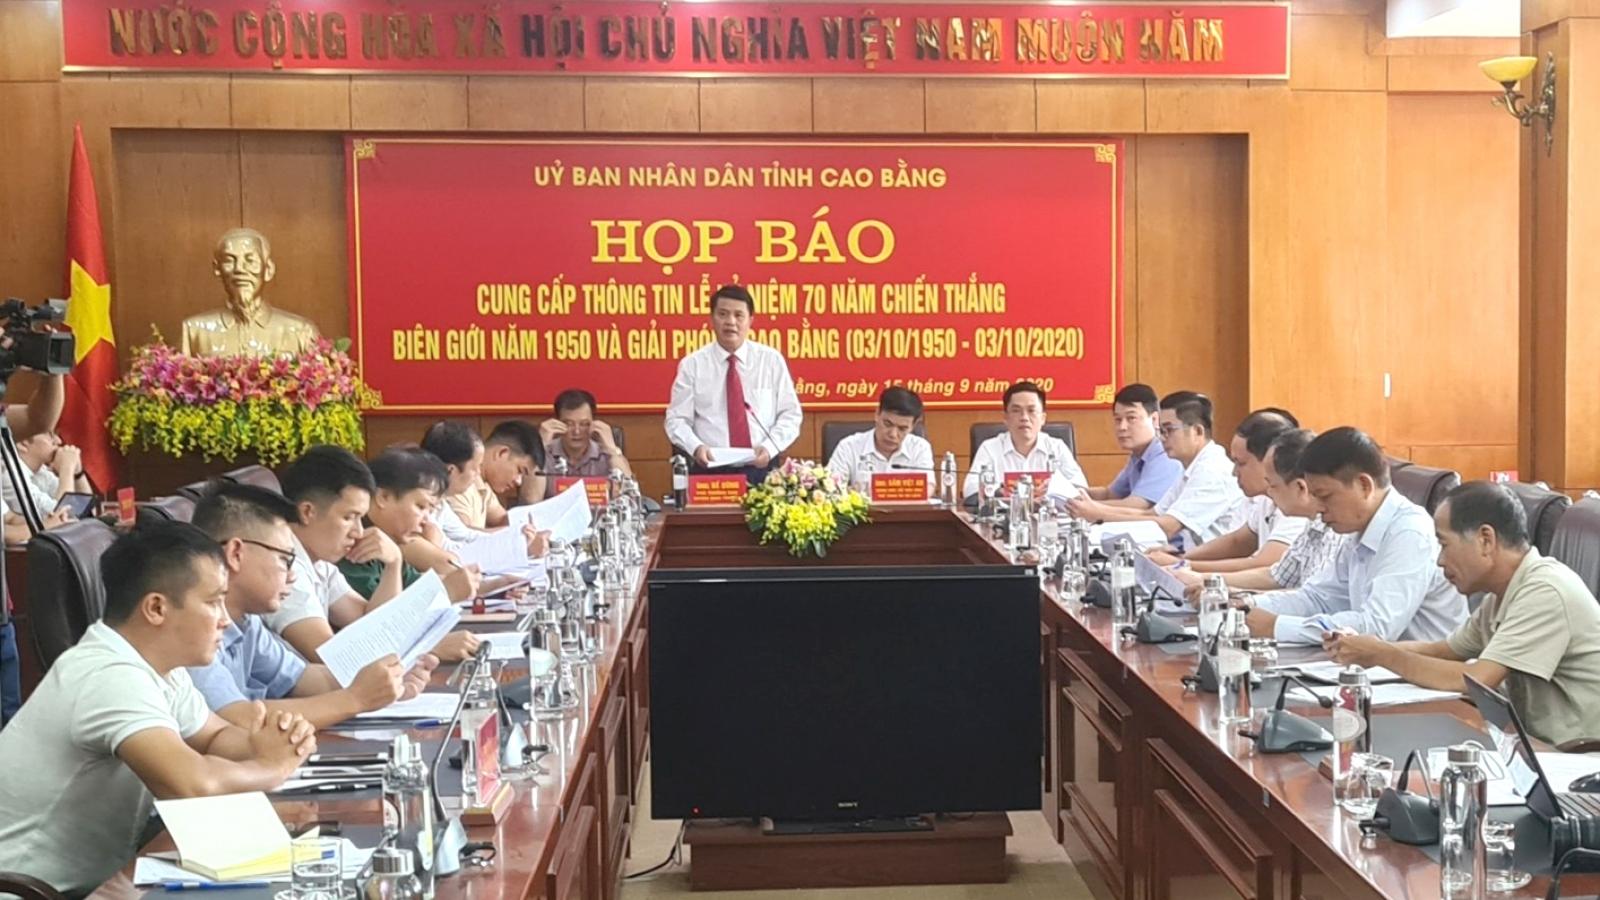 Kỷ niệm 70 năm Chiến thắng Biên giới 1950 và Giải phóng Cao Bằng